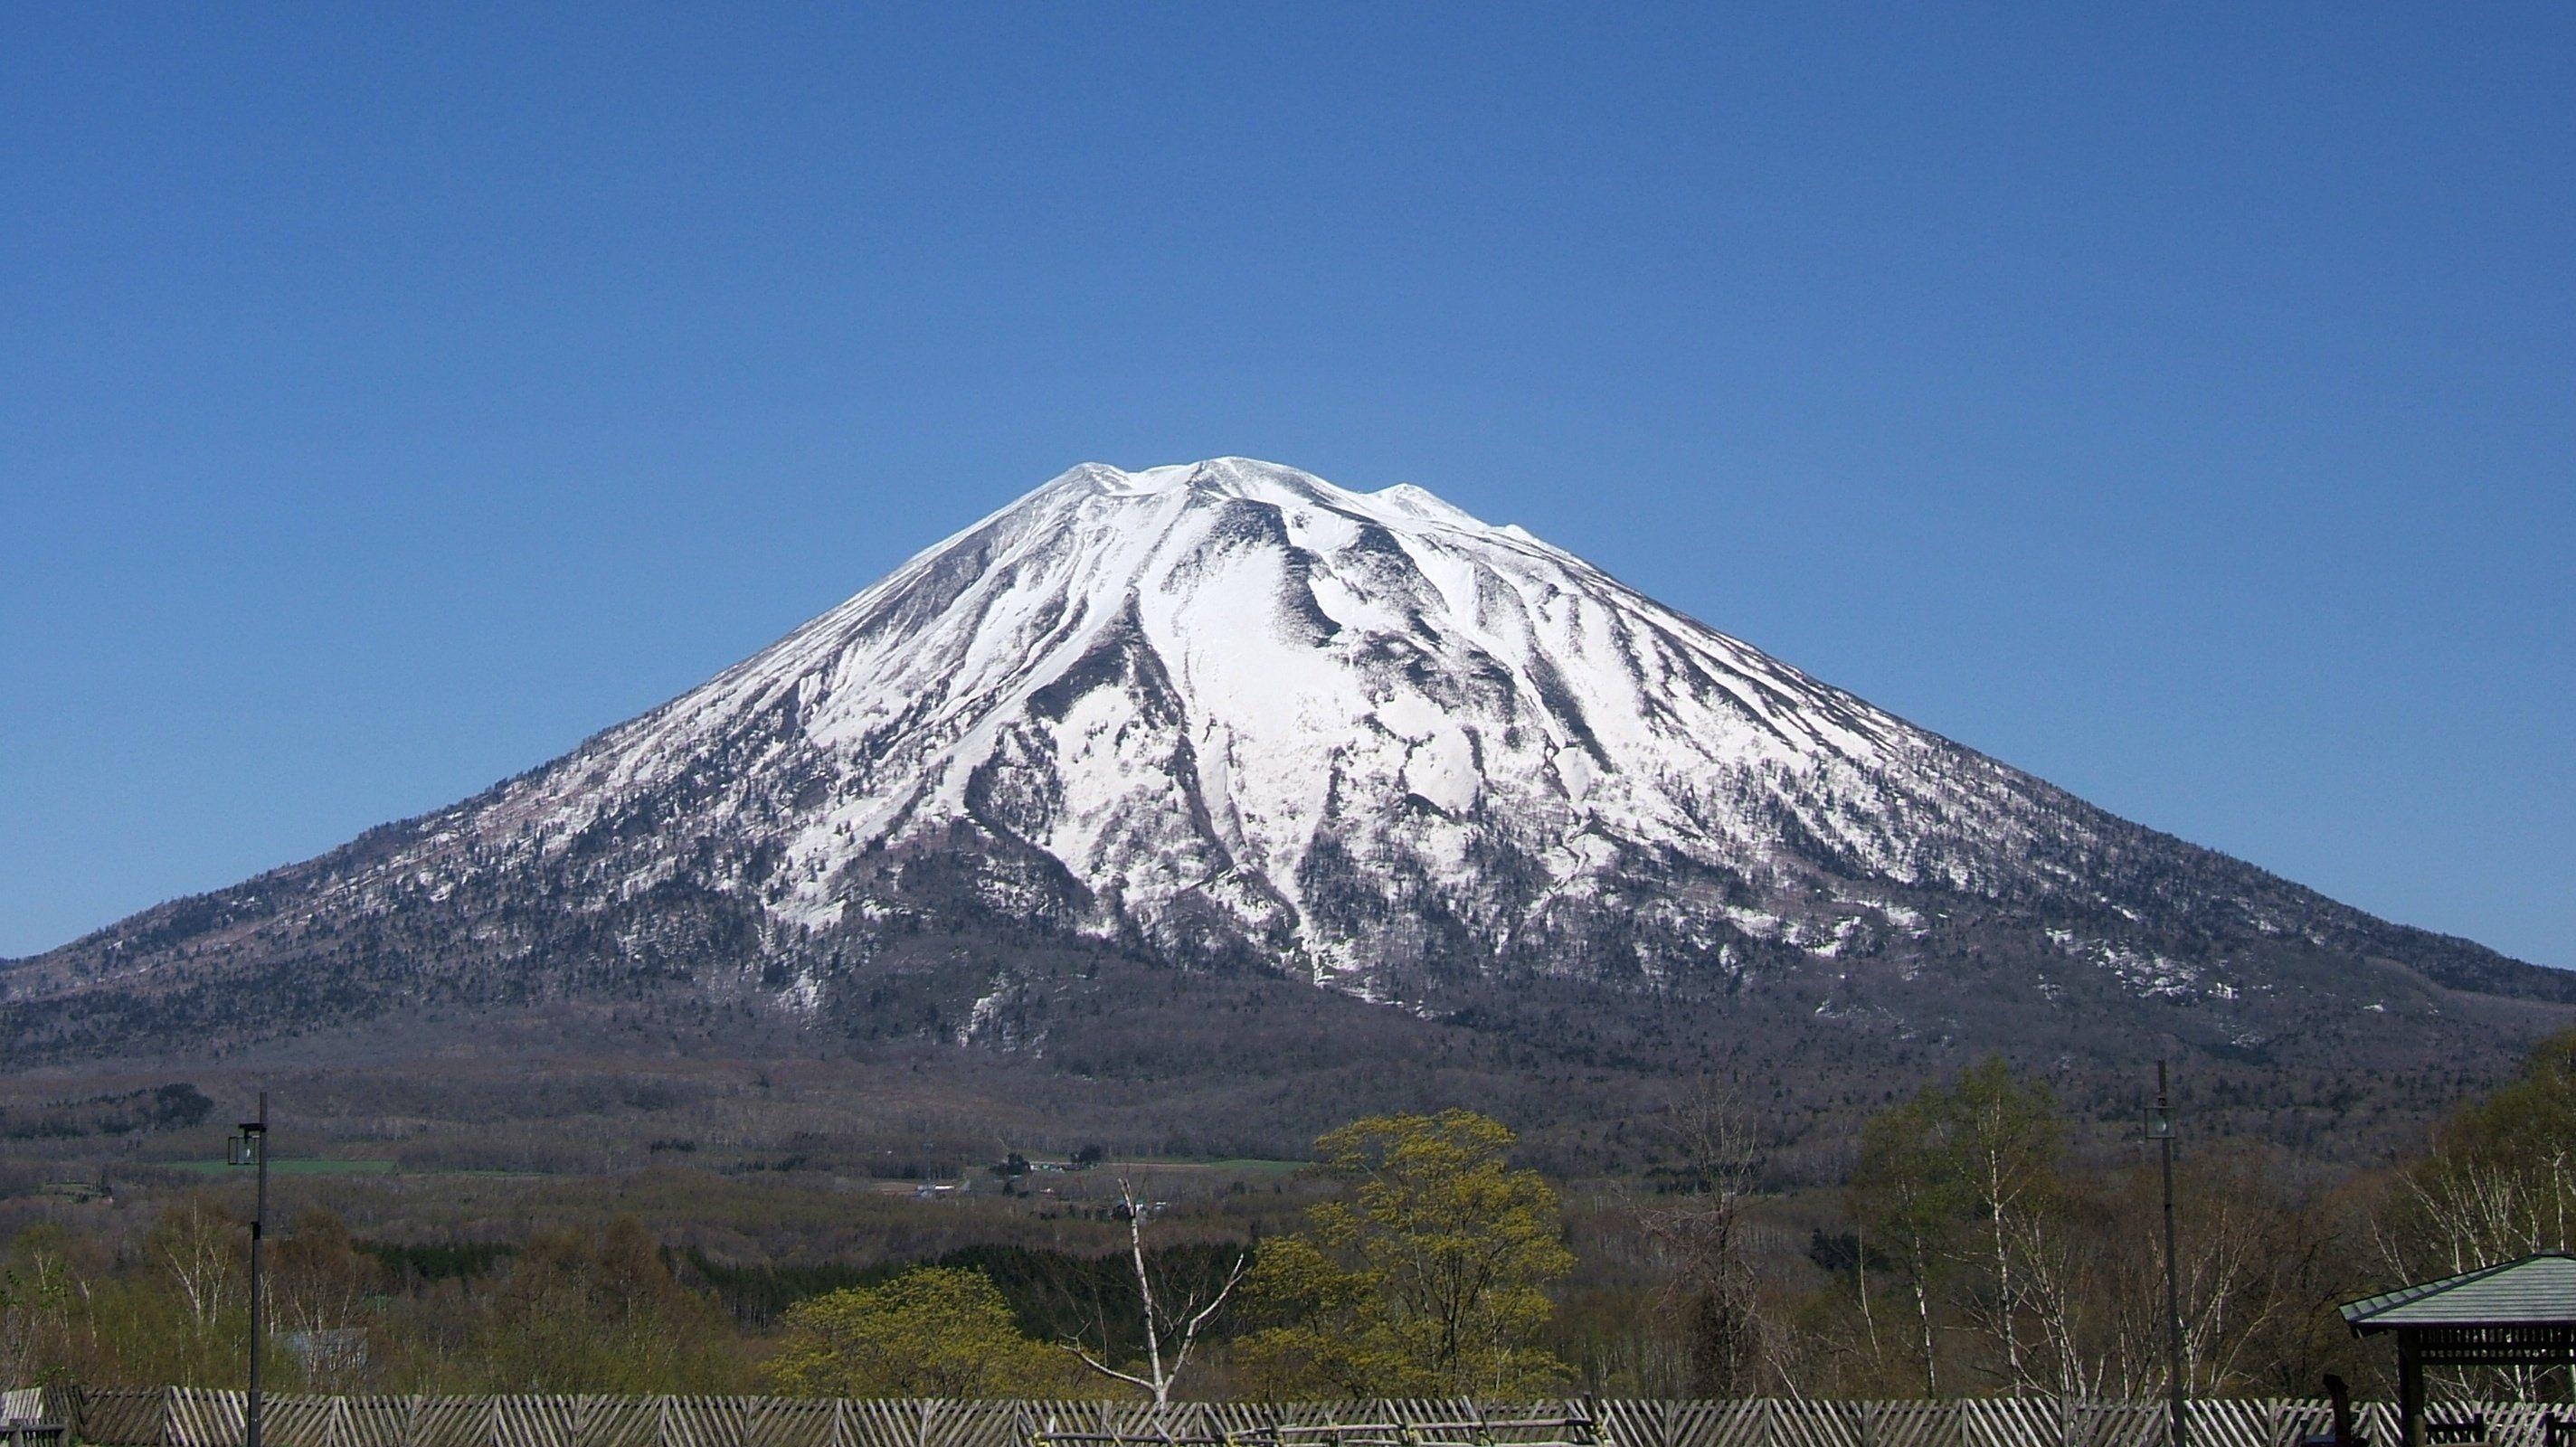 北海道・ニセコ観光のおすすめスポットは?季節ごとに紹介!ドライブにも!